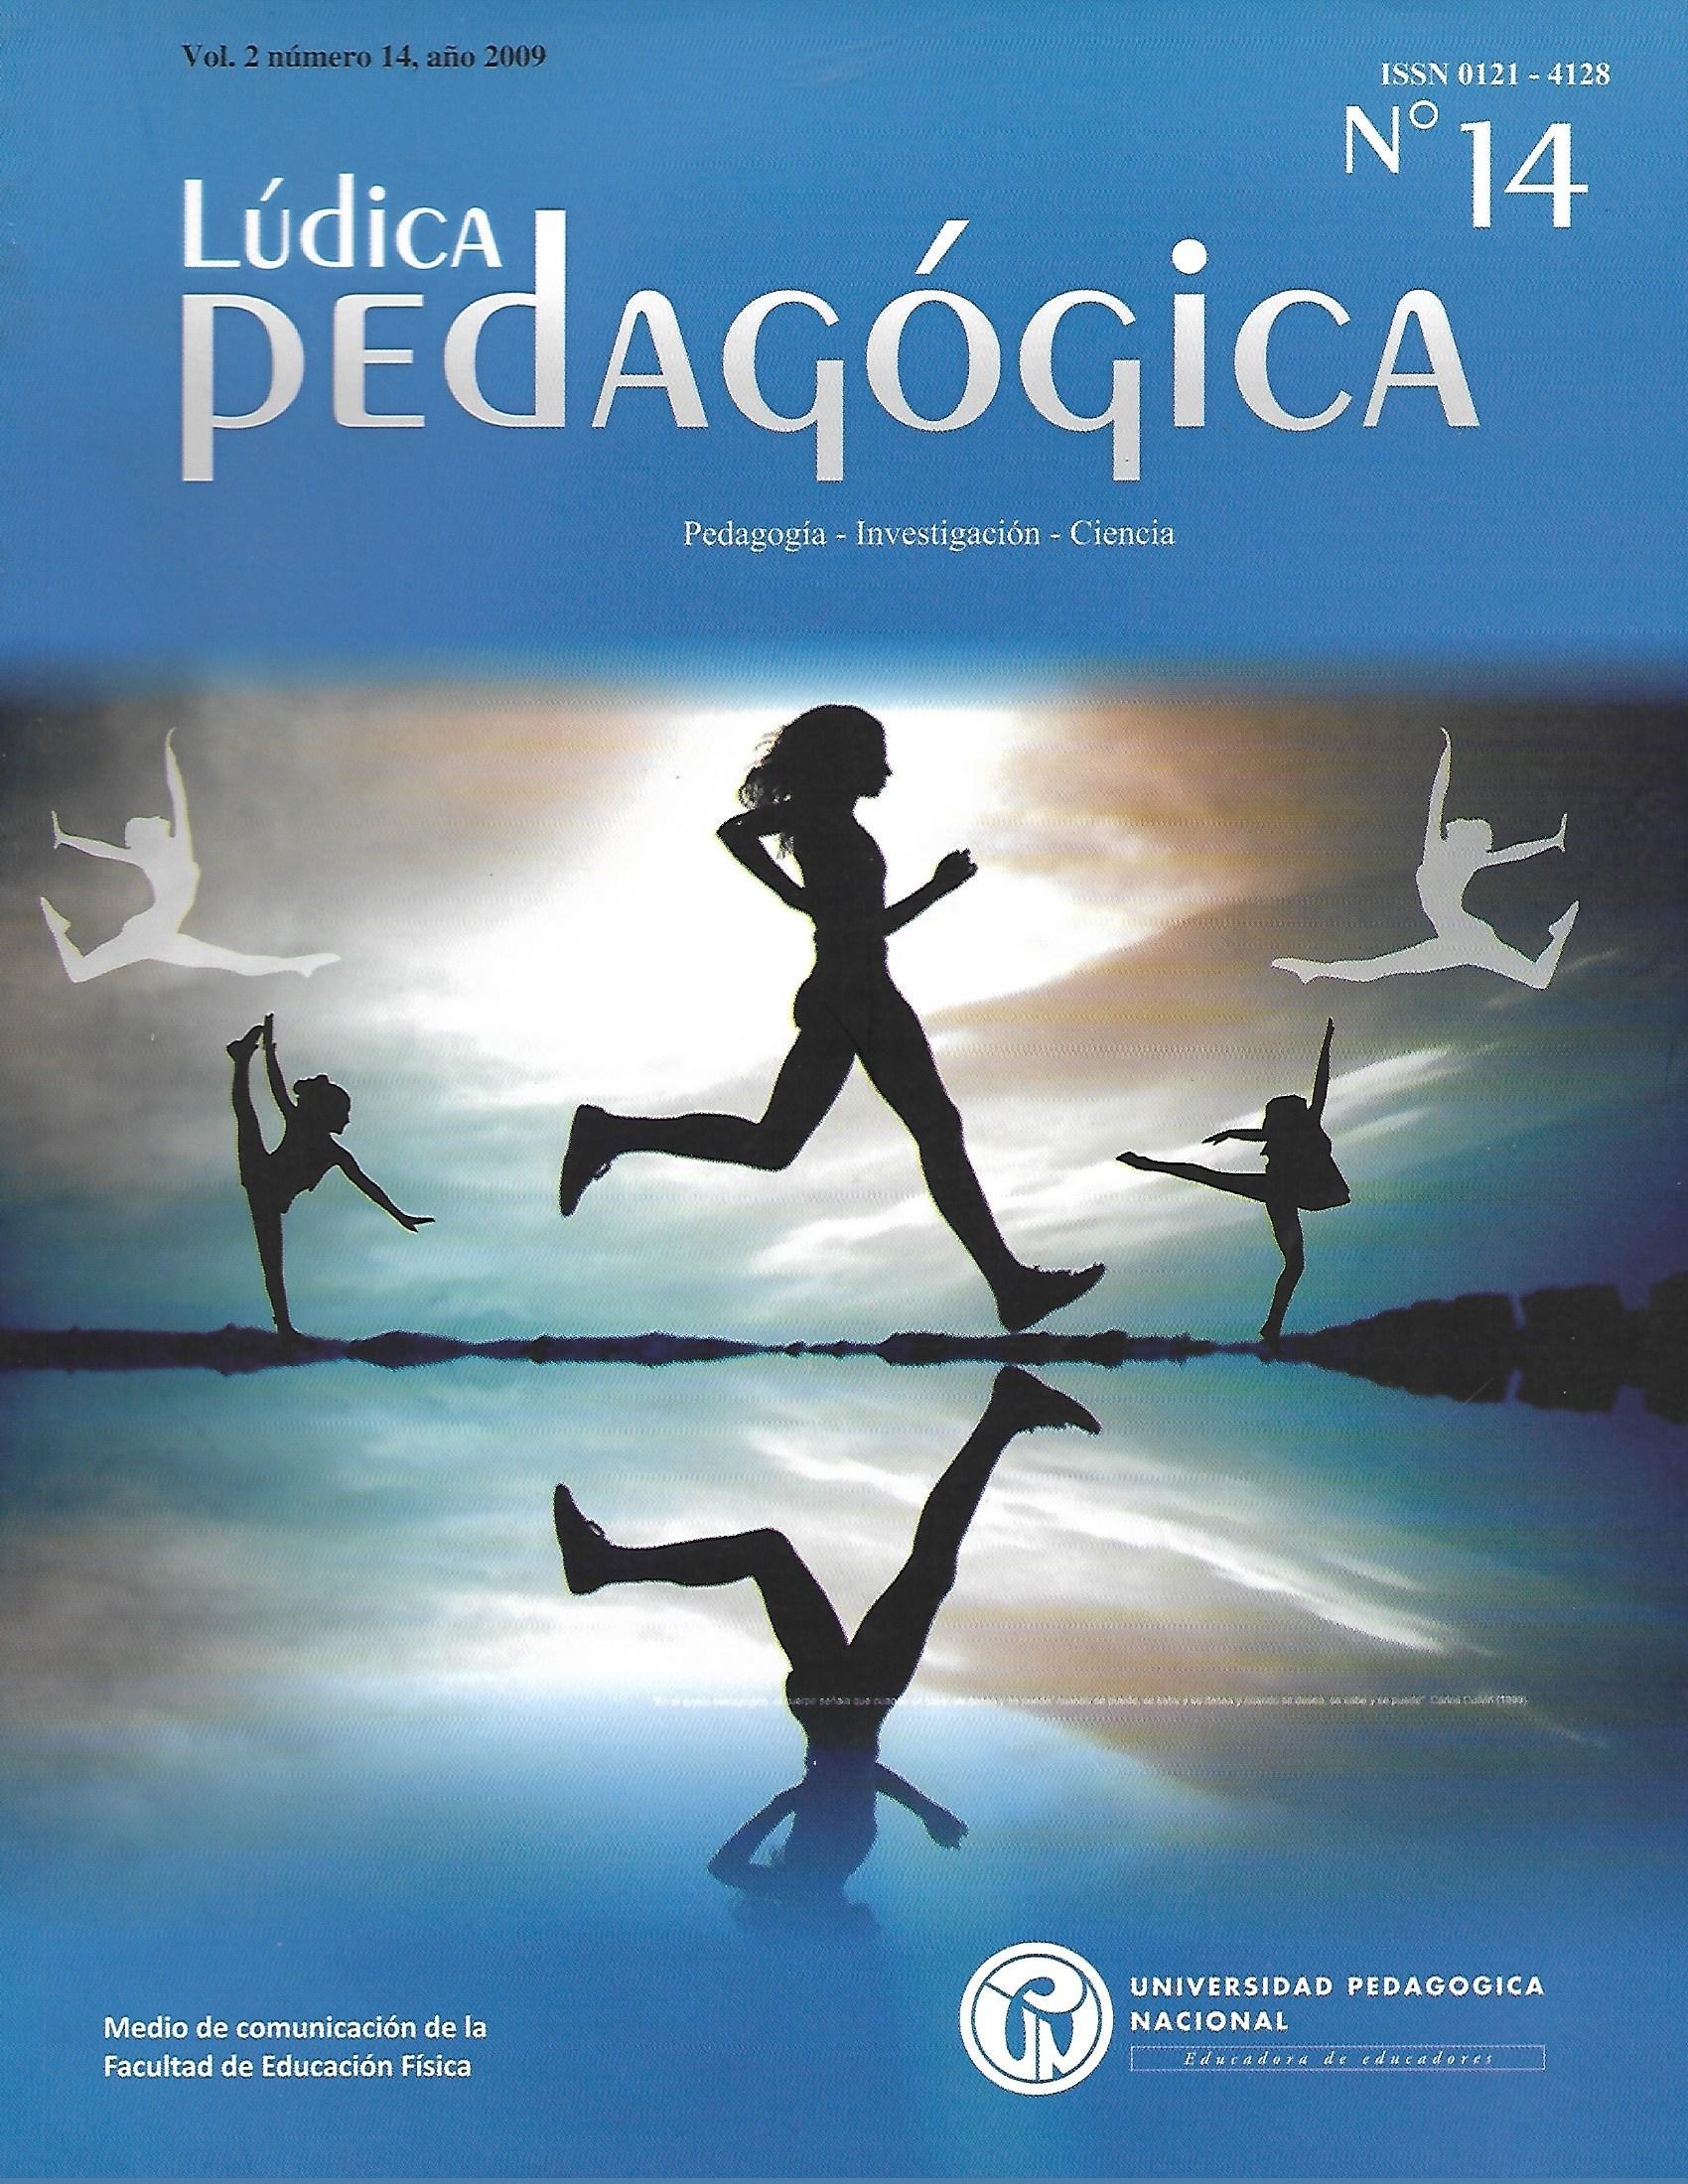 Ver Vol. 2 Núm. 14 (2009): Lúdica Pedagógica (jul-dic)